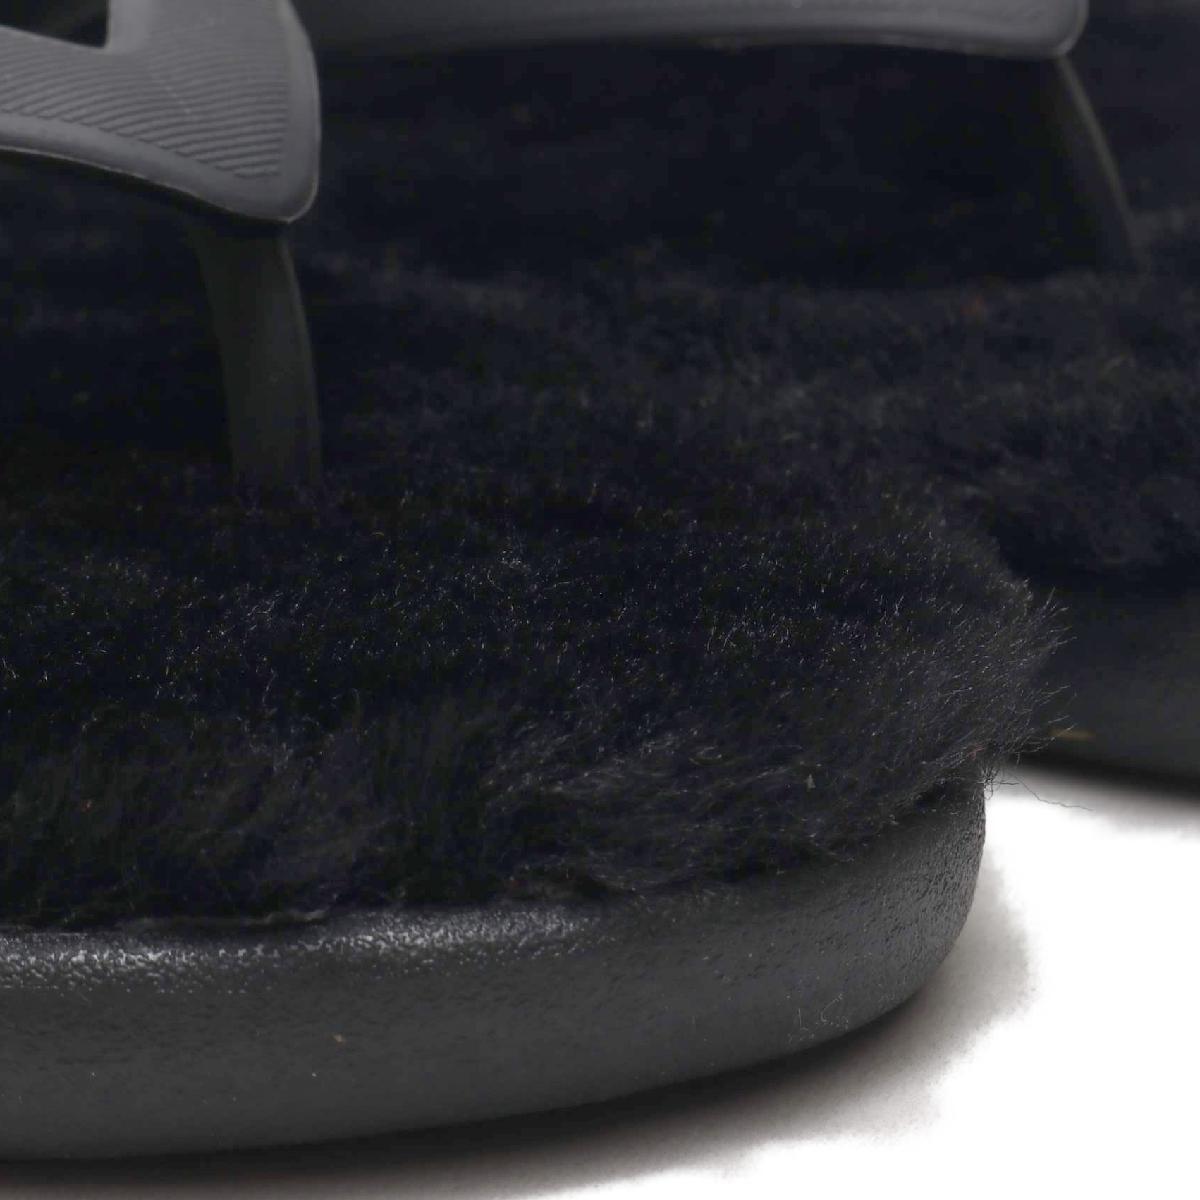 UGG Fluffie II(BLACK)(アグ フラッフィー 2)【レディース】【サンダル】【19SS-I】